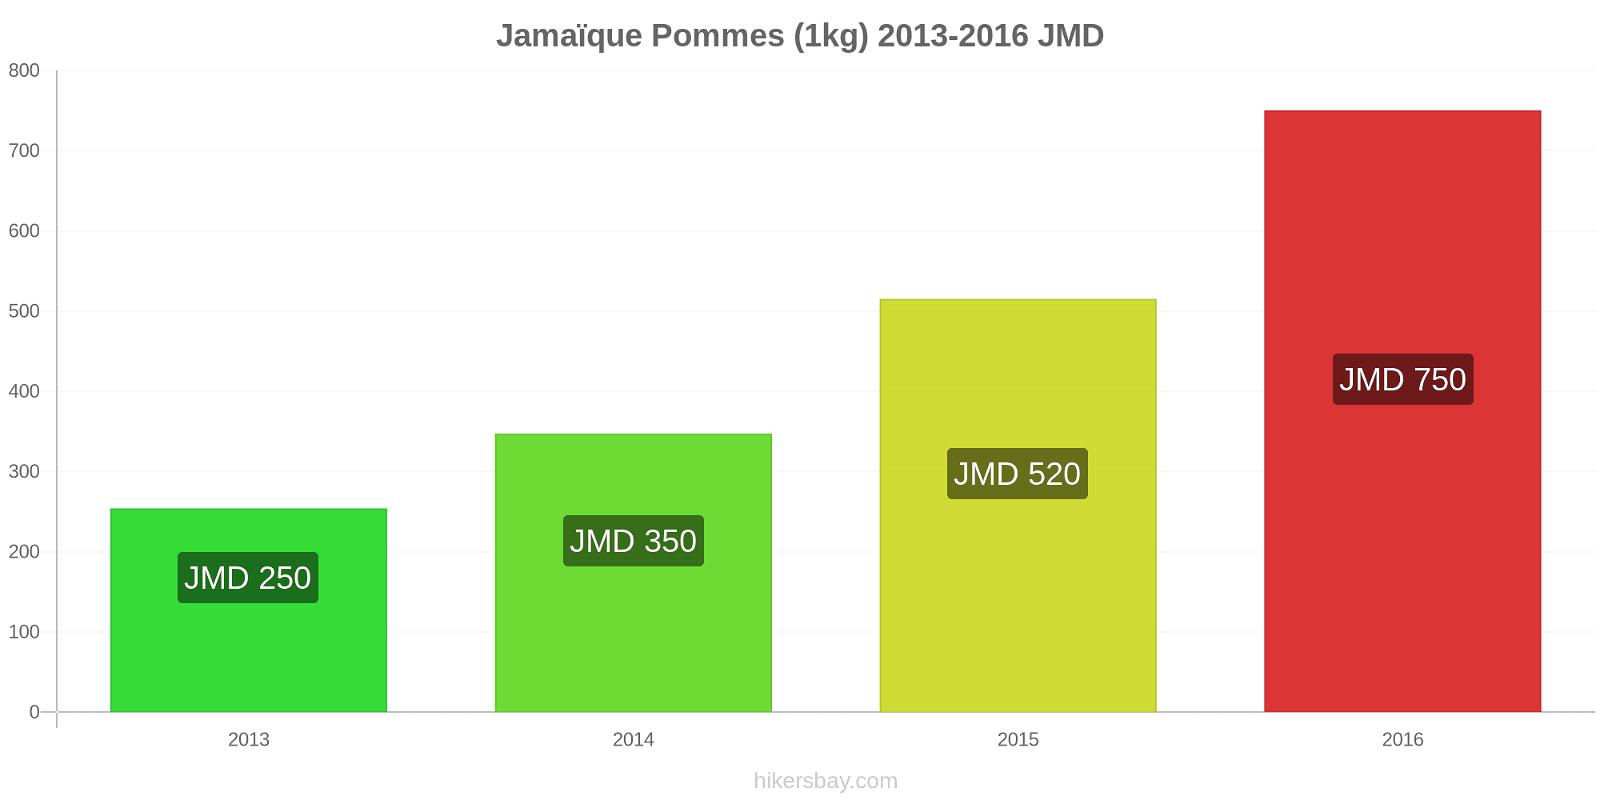 Jamaïque changements de prix Pommes (1kg) hikersbay.com